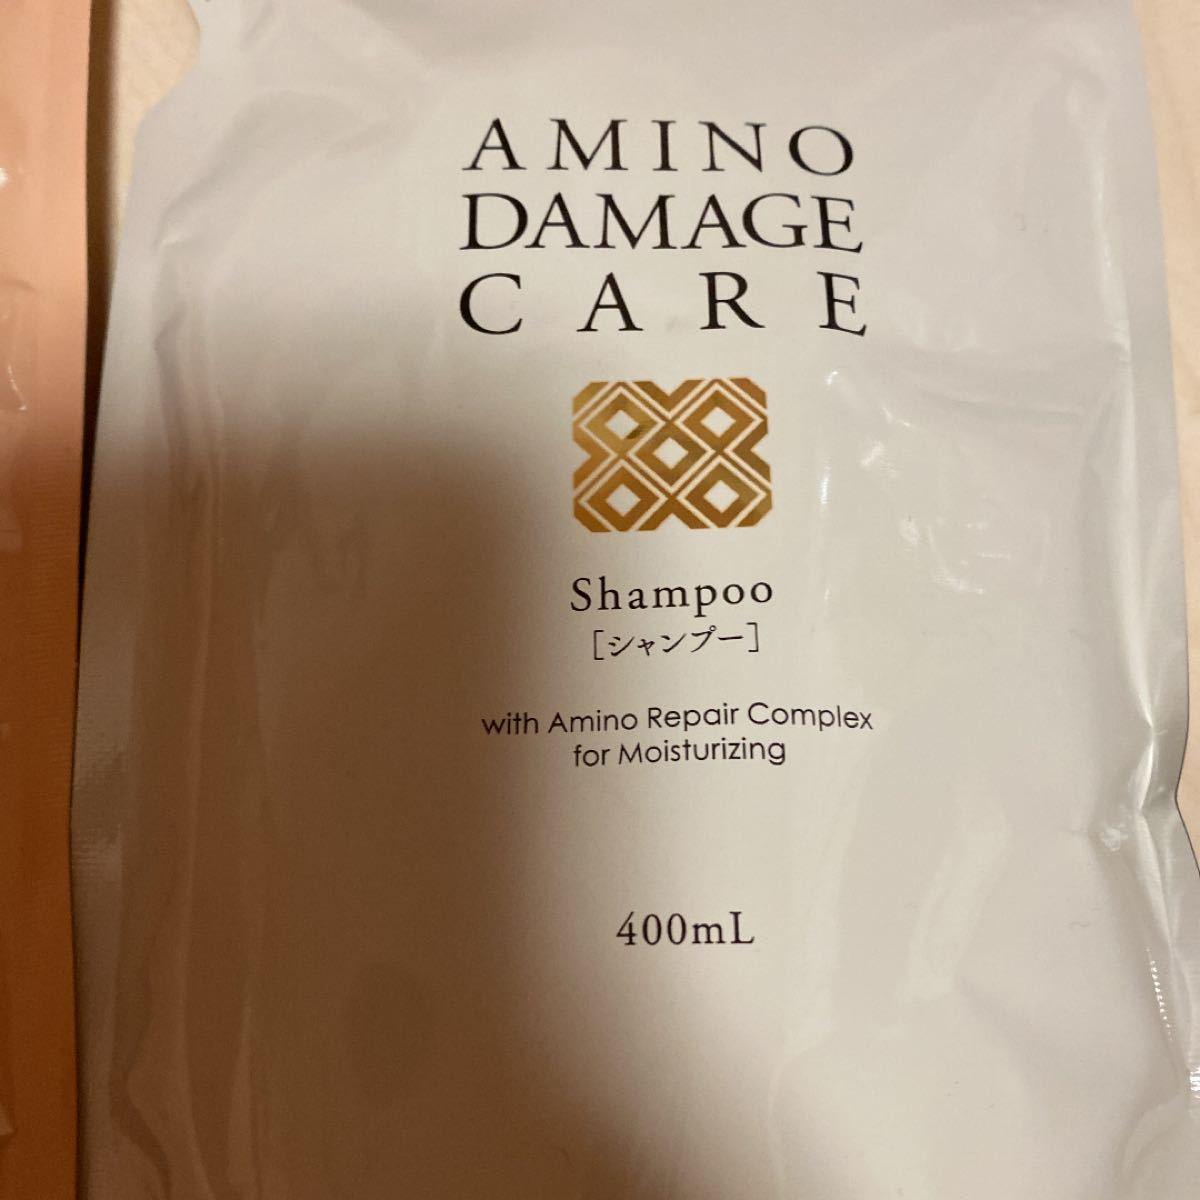 アミノ ダメージケア シャンプー コンディショナー リフィル 詰め替え用